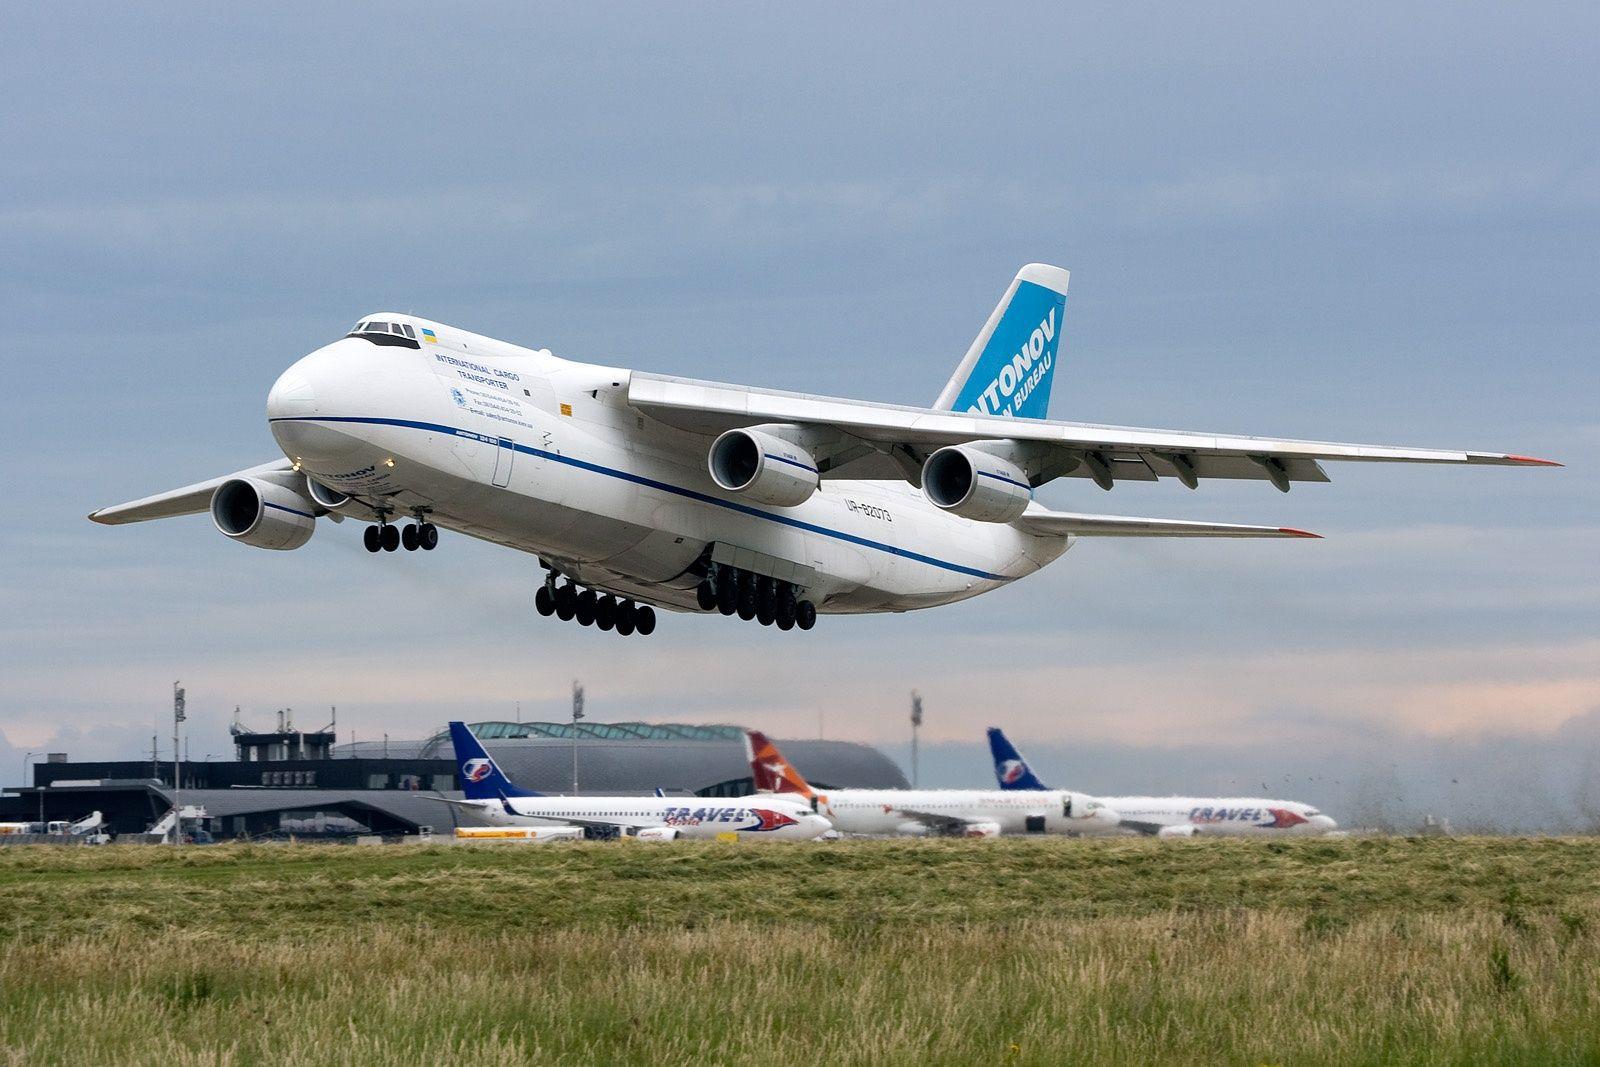 Llegó el gran avión ruso para colaborar en la búsqueda